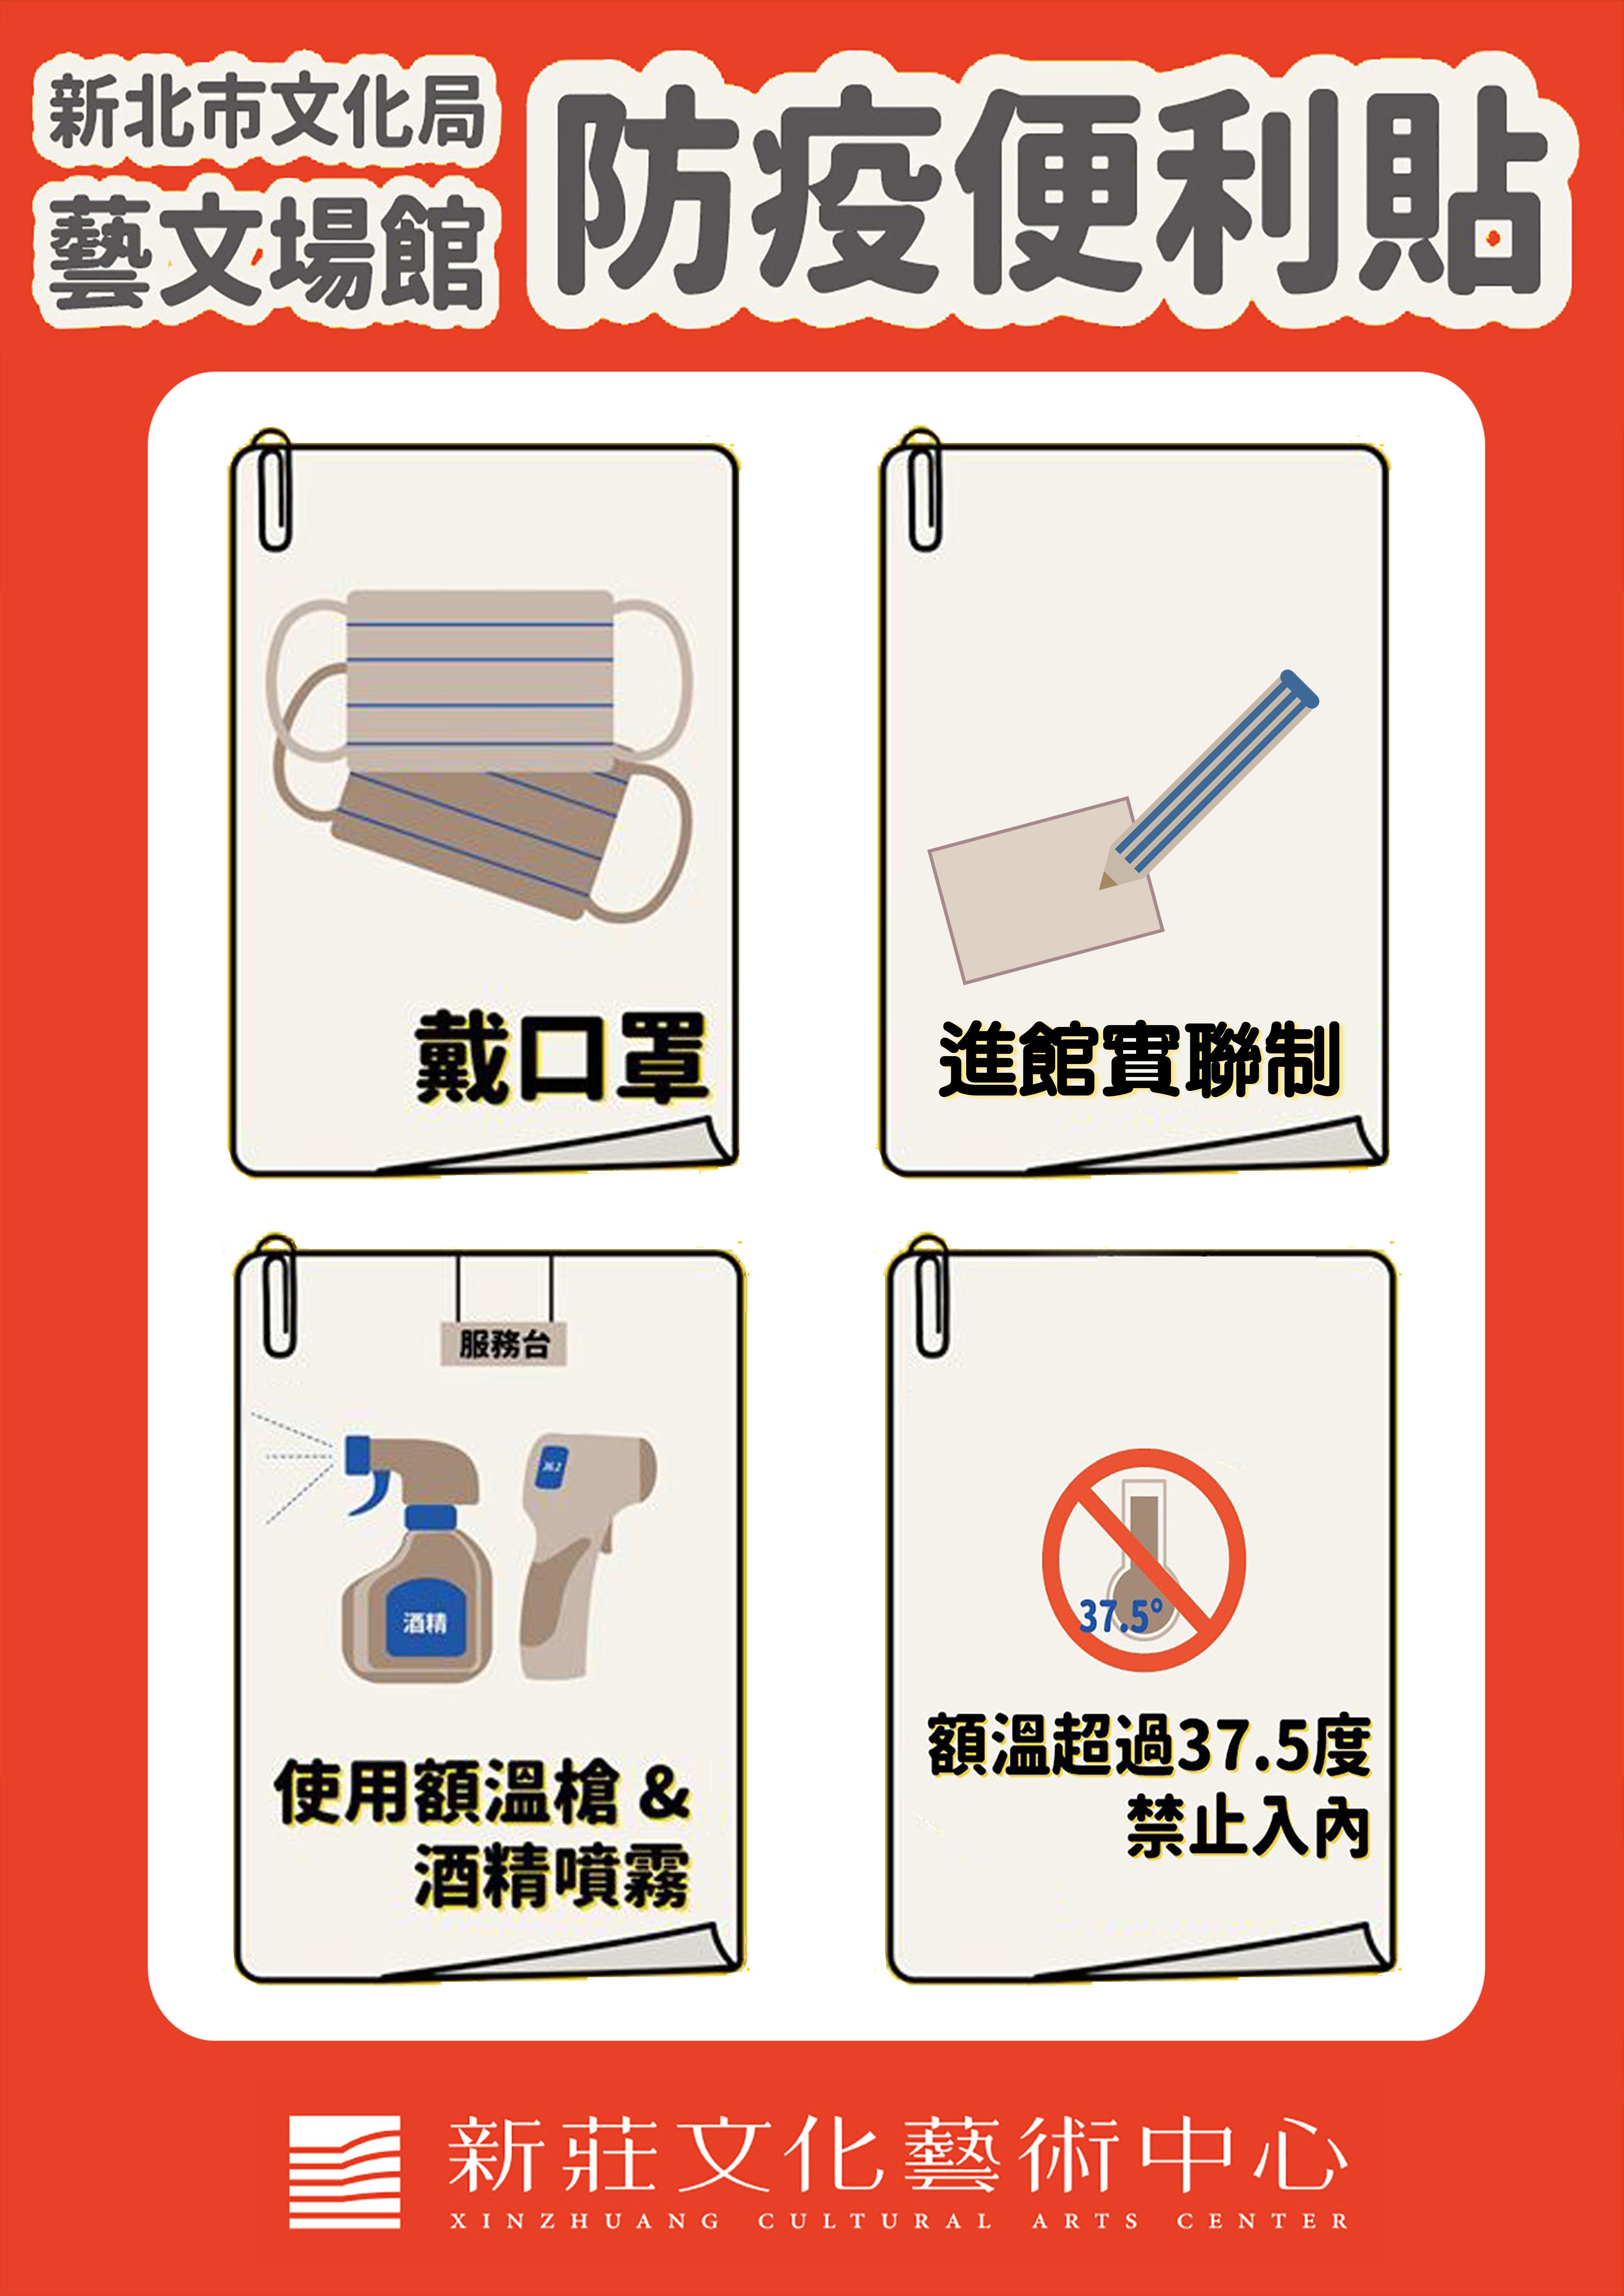 入館防疫措施